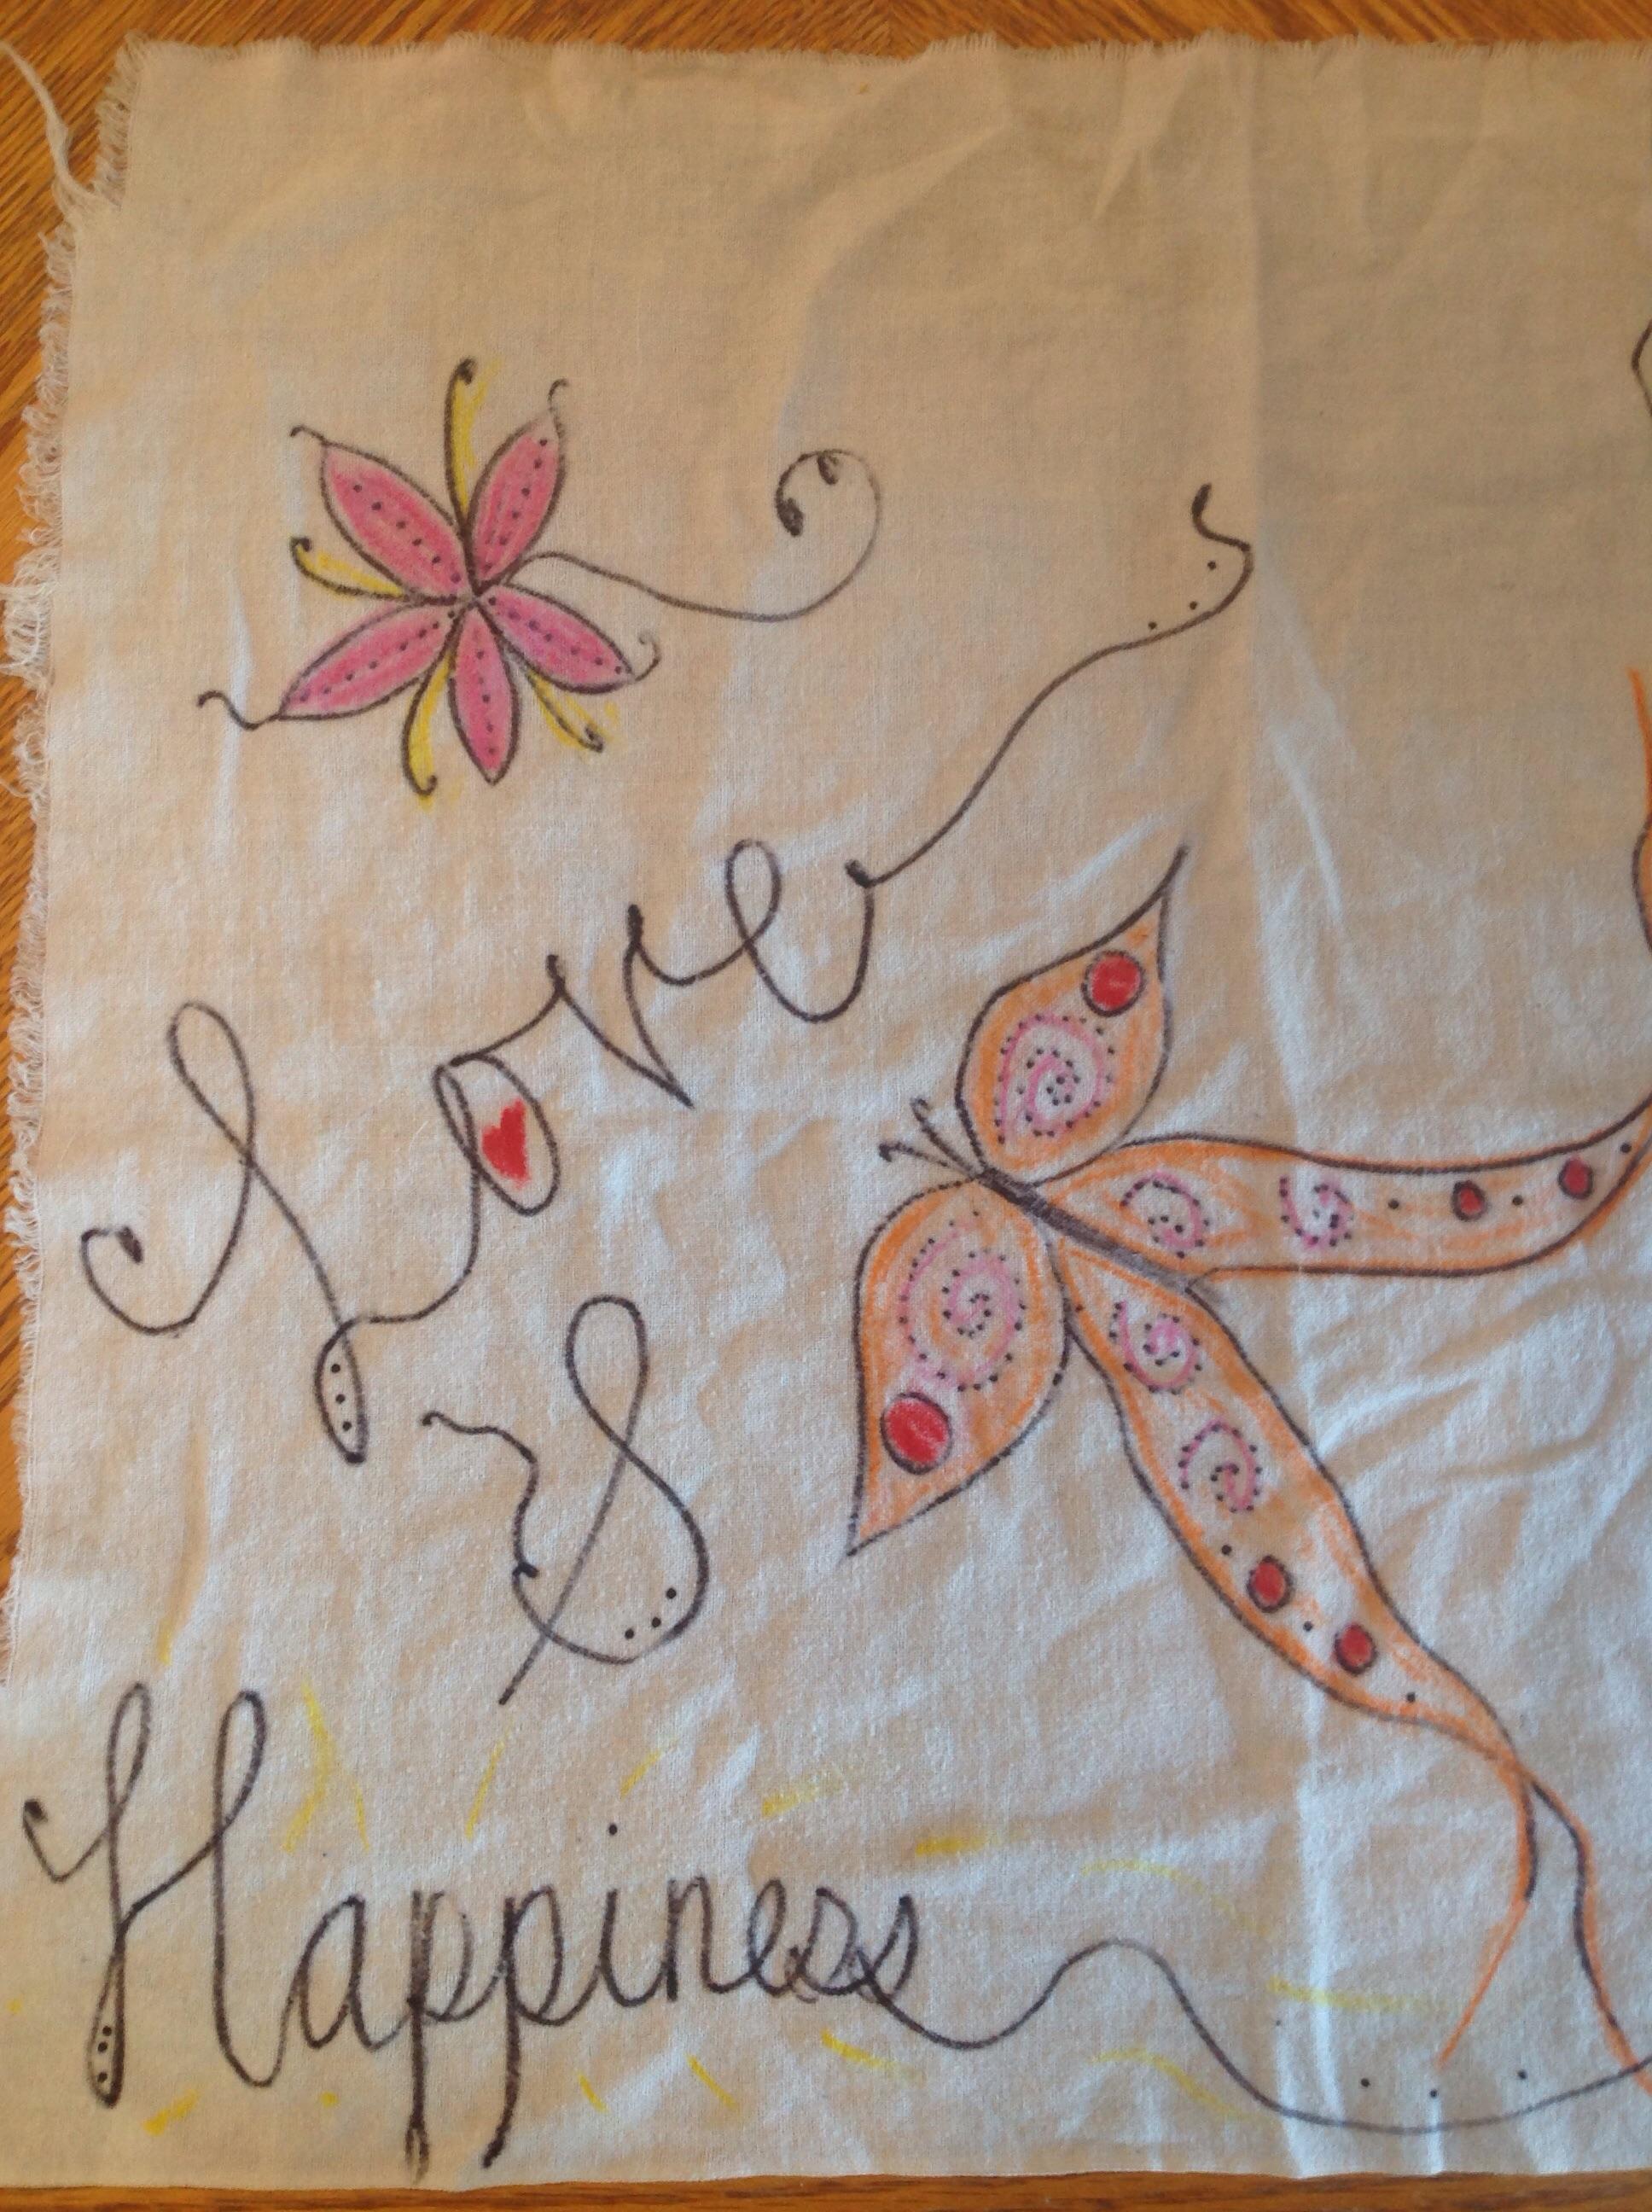 6+ items écolos faits maison, pour soi-même ou cadeaux, Blog Bonheur, zen, famille alternative | Marie-Eve Boudreault, auteure